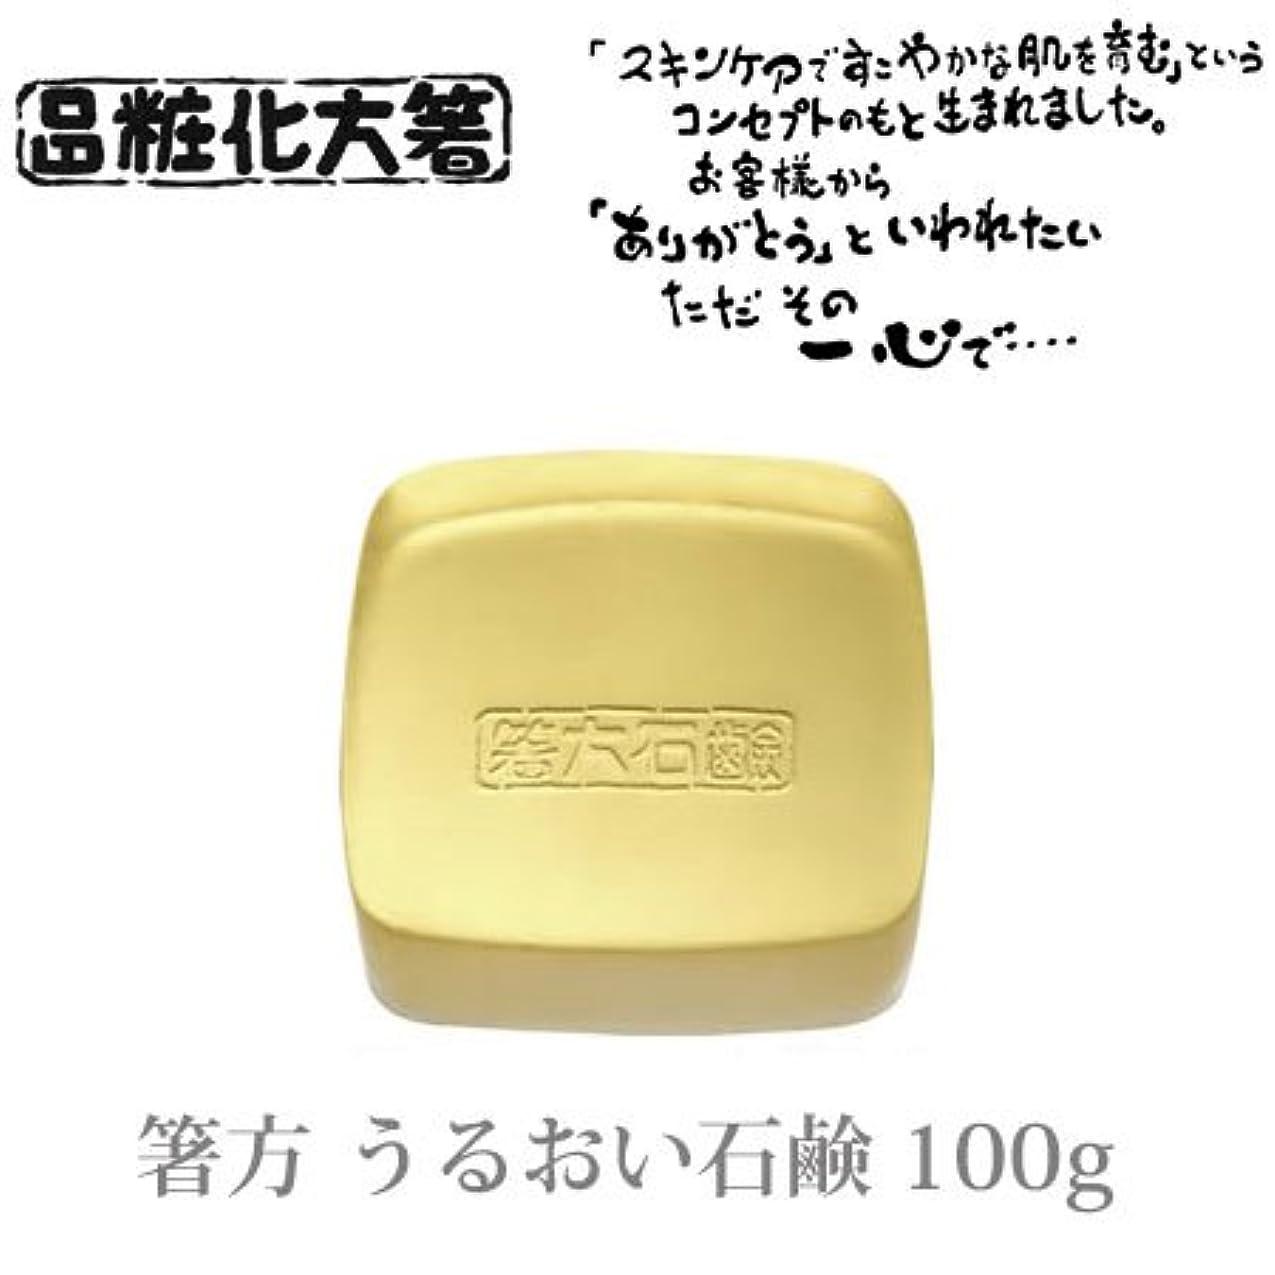 おとなしい順番ラテン箸方化粧品 うるおい石鹸 100g はしかた化粧品